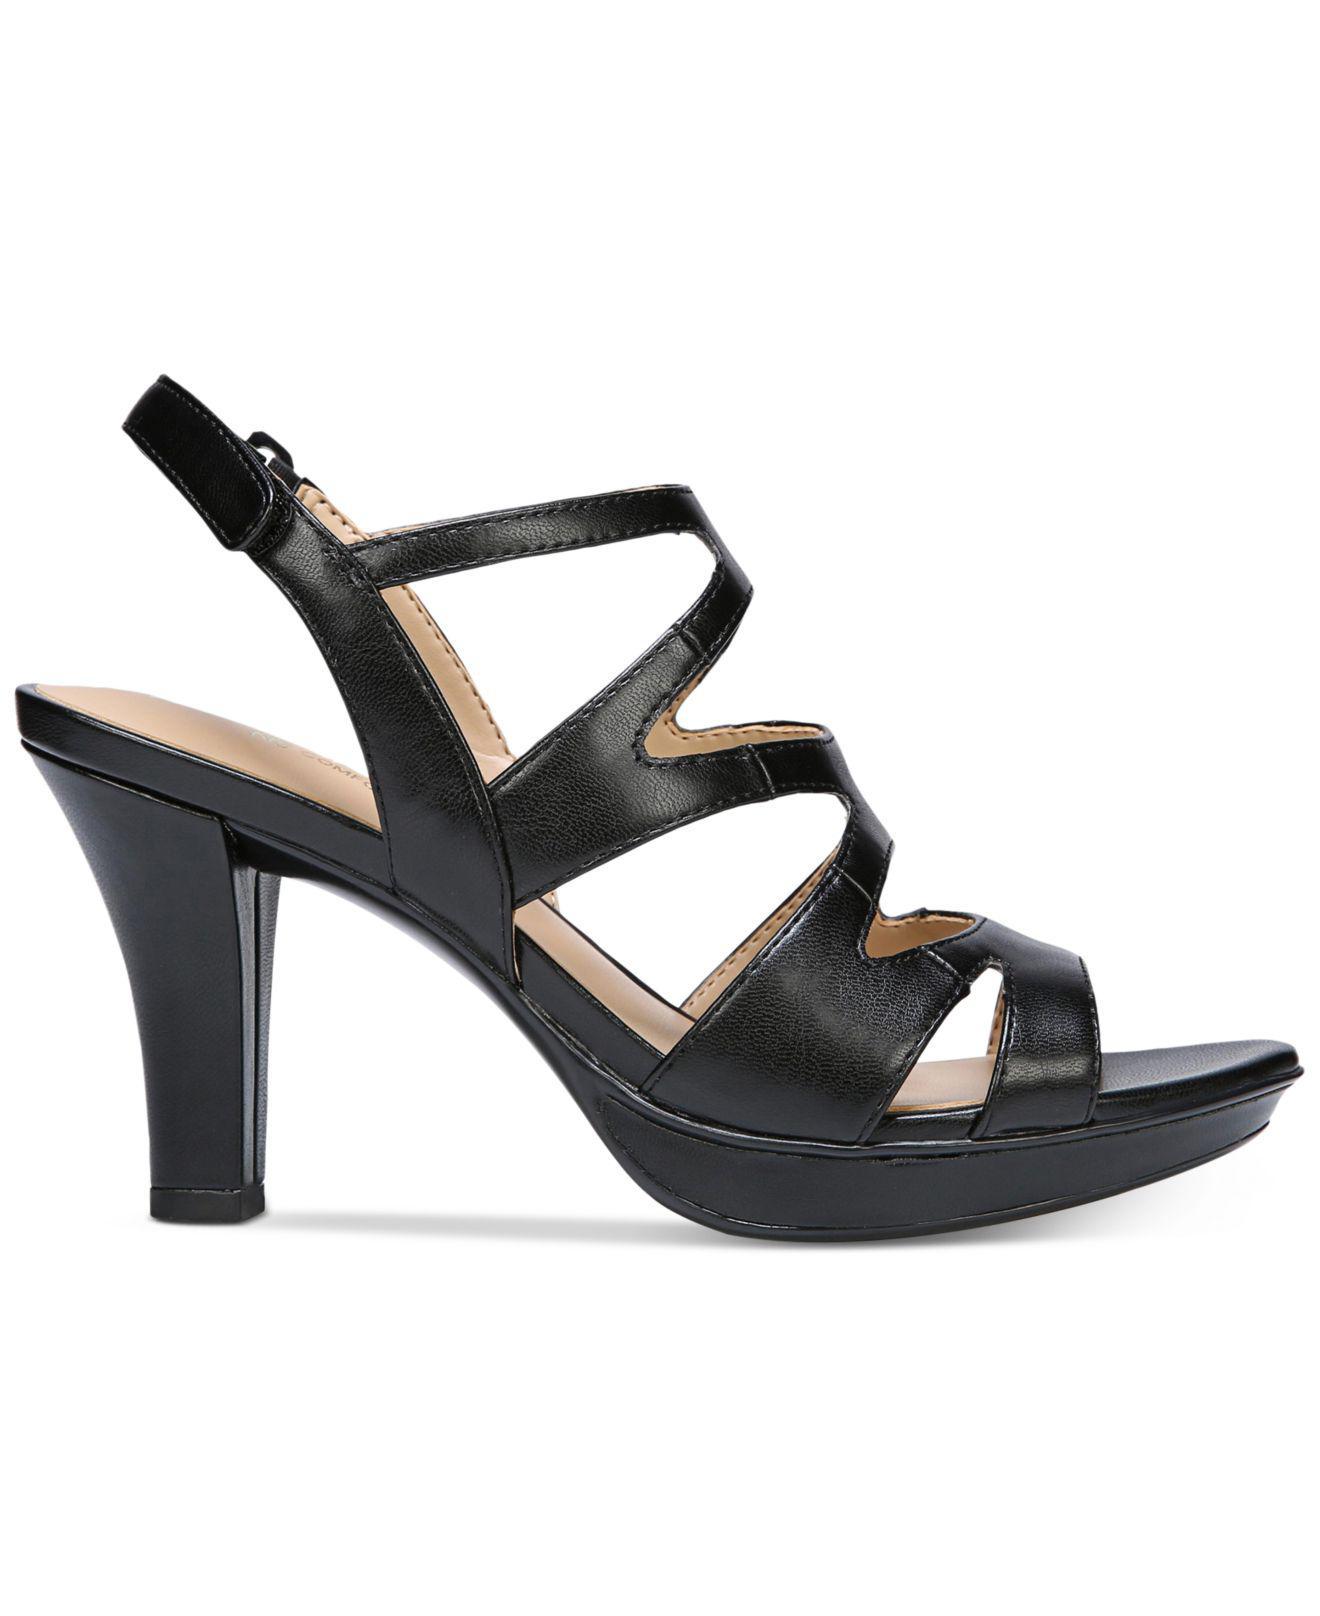 ea486d331c2 Lyst - Naturalizer Dianna Slingback Sandals in Black - Save 13%